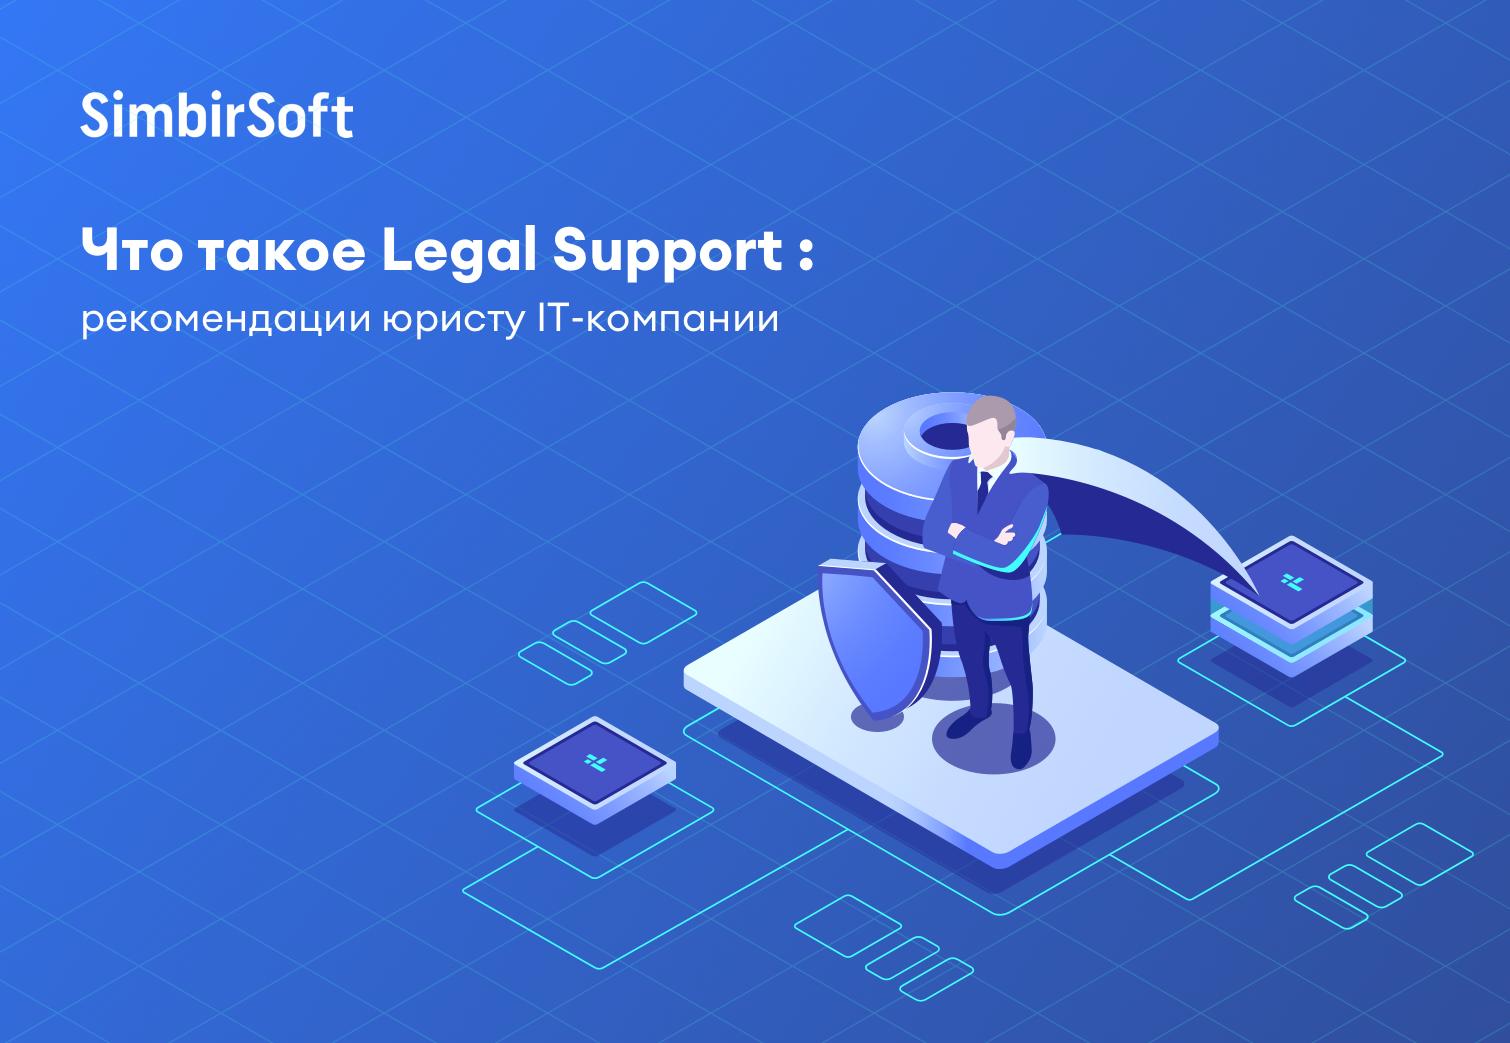 Что такое Legal Support: рекомендации юристу IT-компании